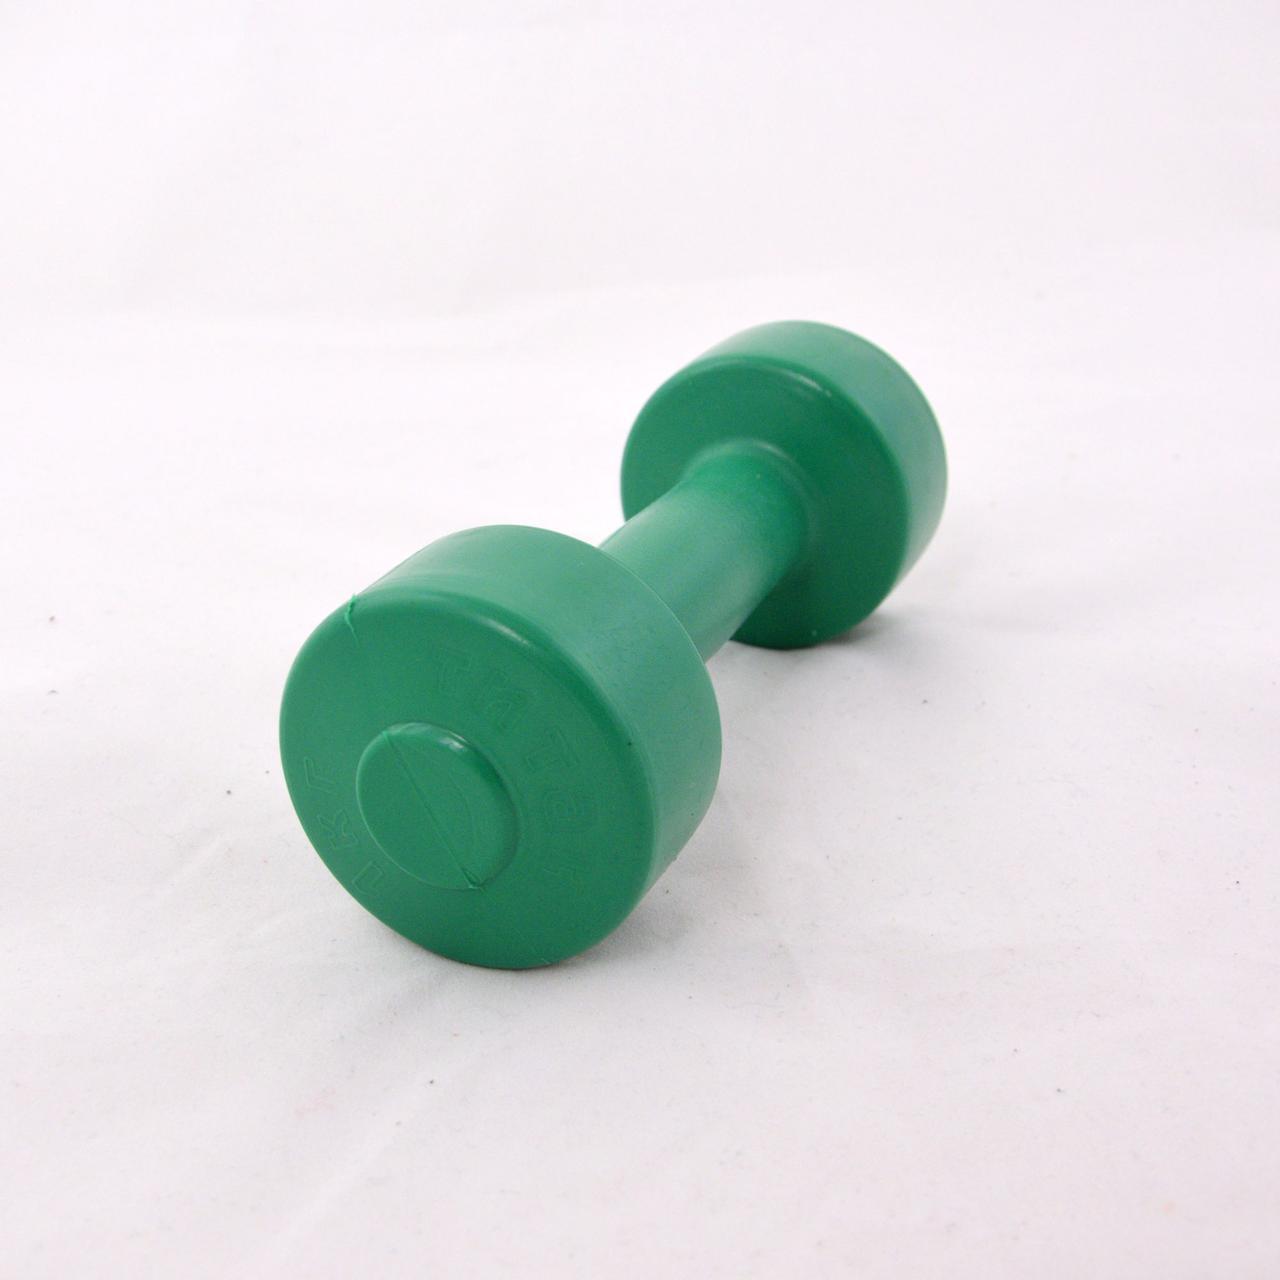 Гантели для фитнеса пластиковые цельные (неразборные) OSPORT Титан 1 кг (FI-0094-1)